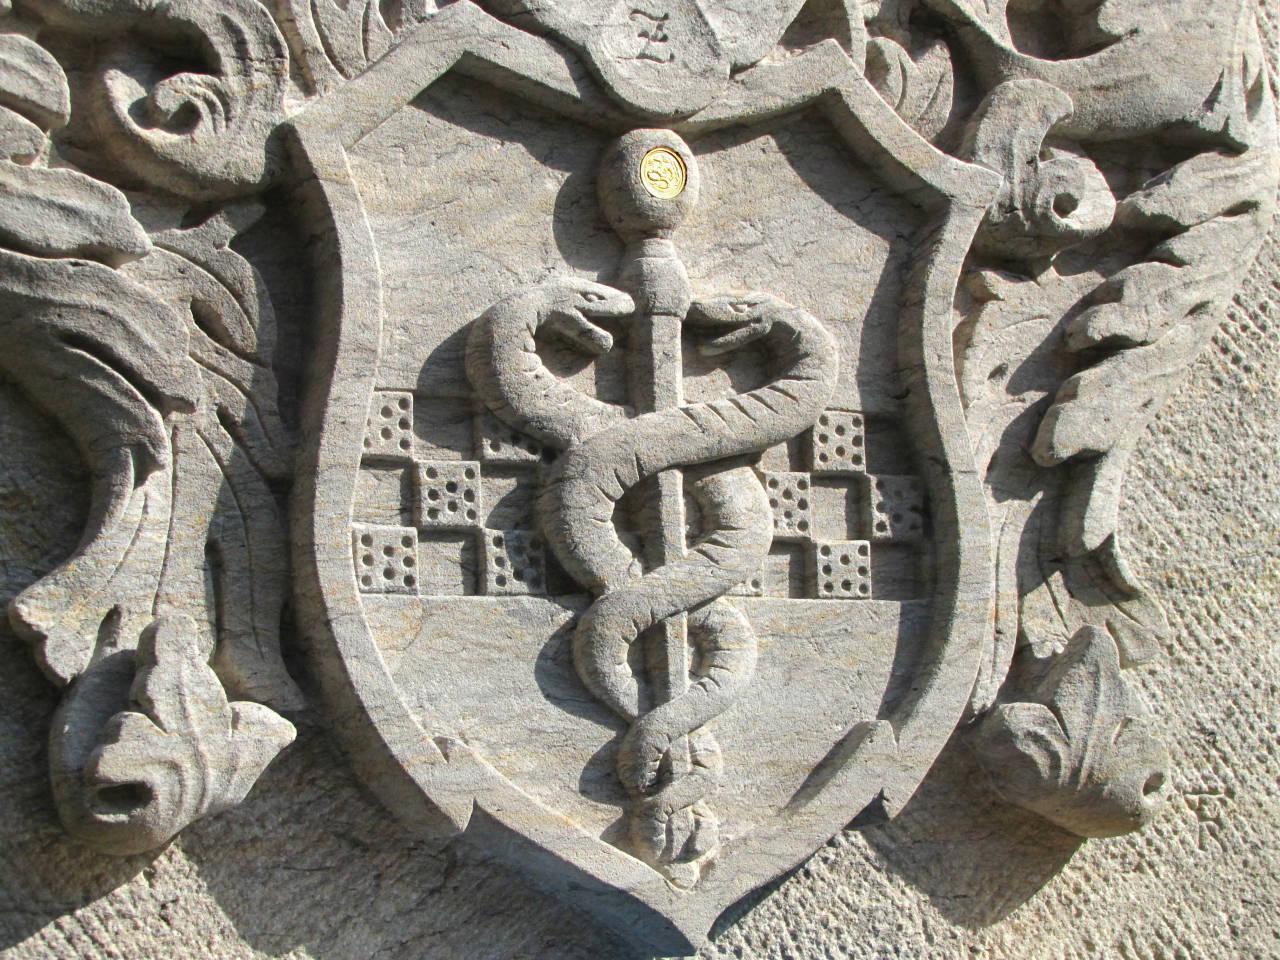 Wappendetail mit eingelegter Goldmünze